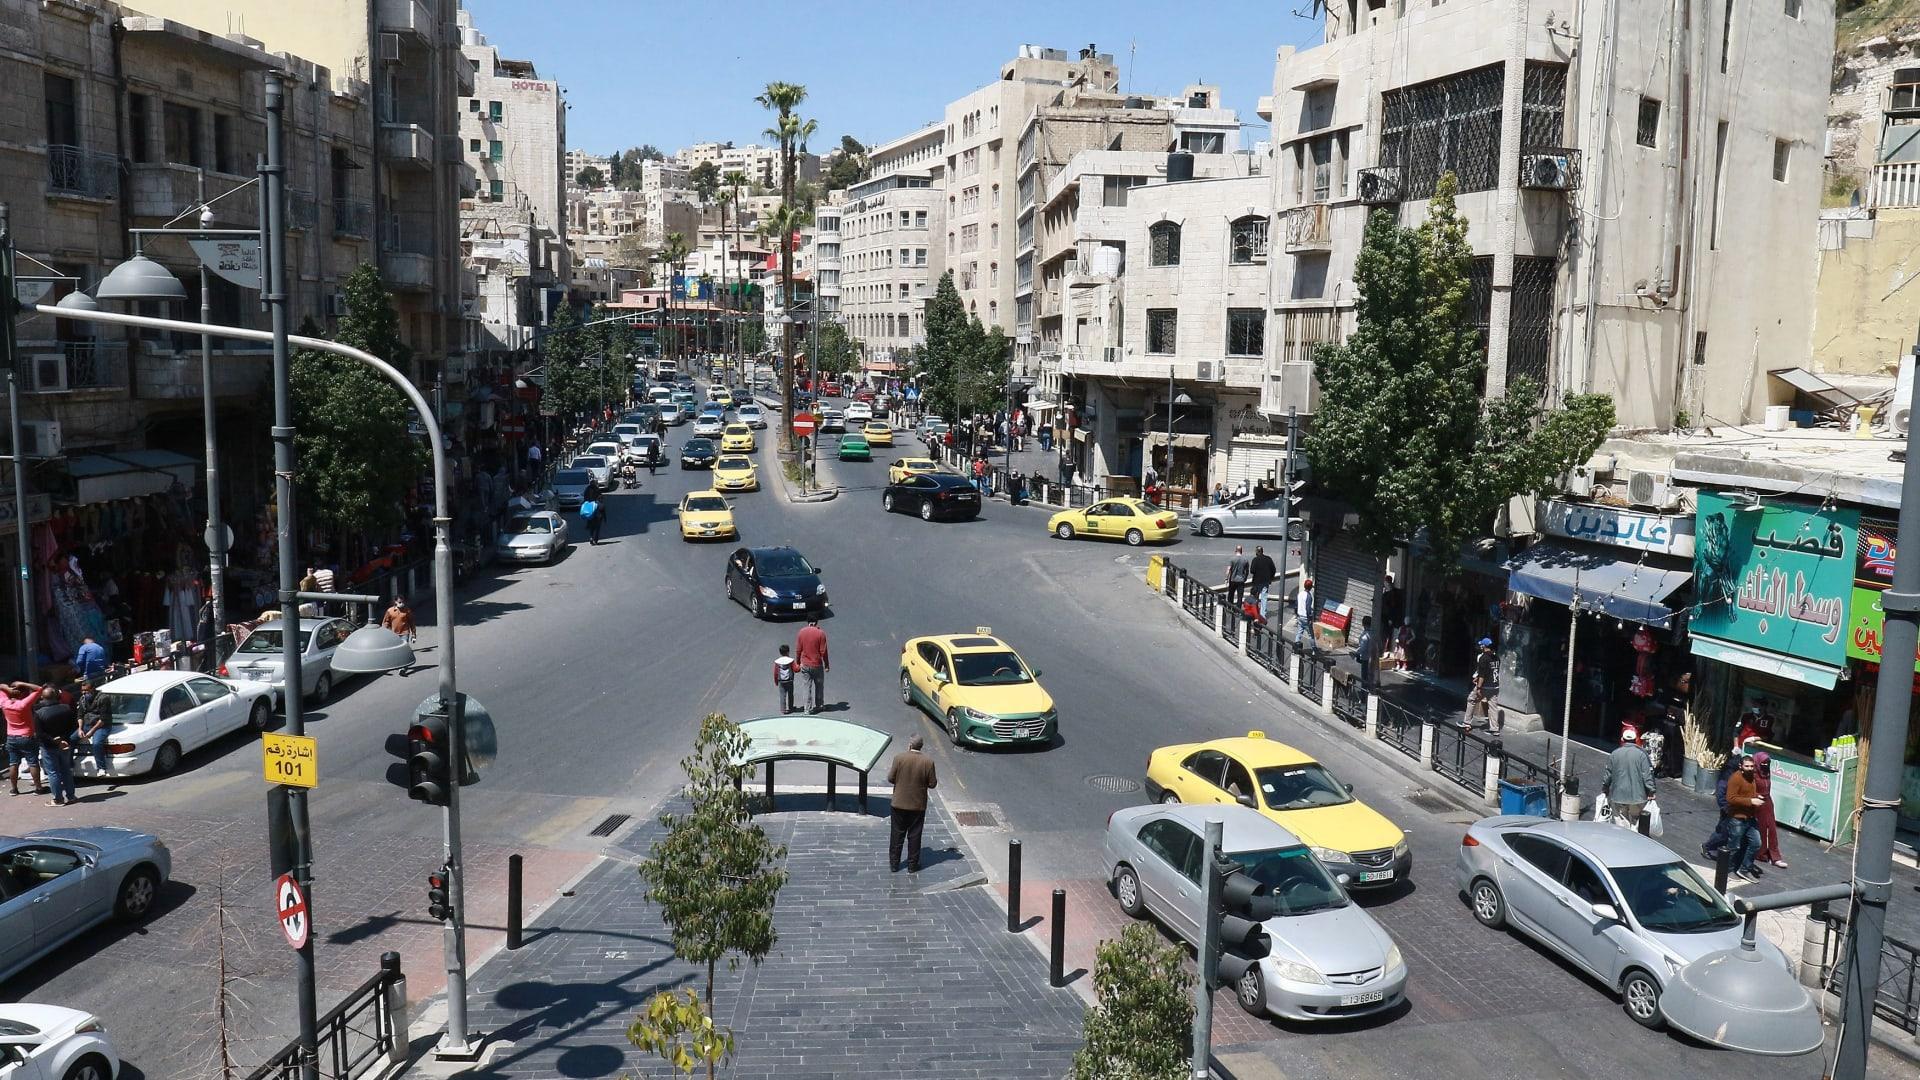 صورة أرشيفية عامة لأحد الشوارع في العاصمة الأردنية، عمان